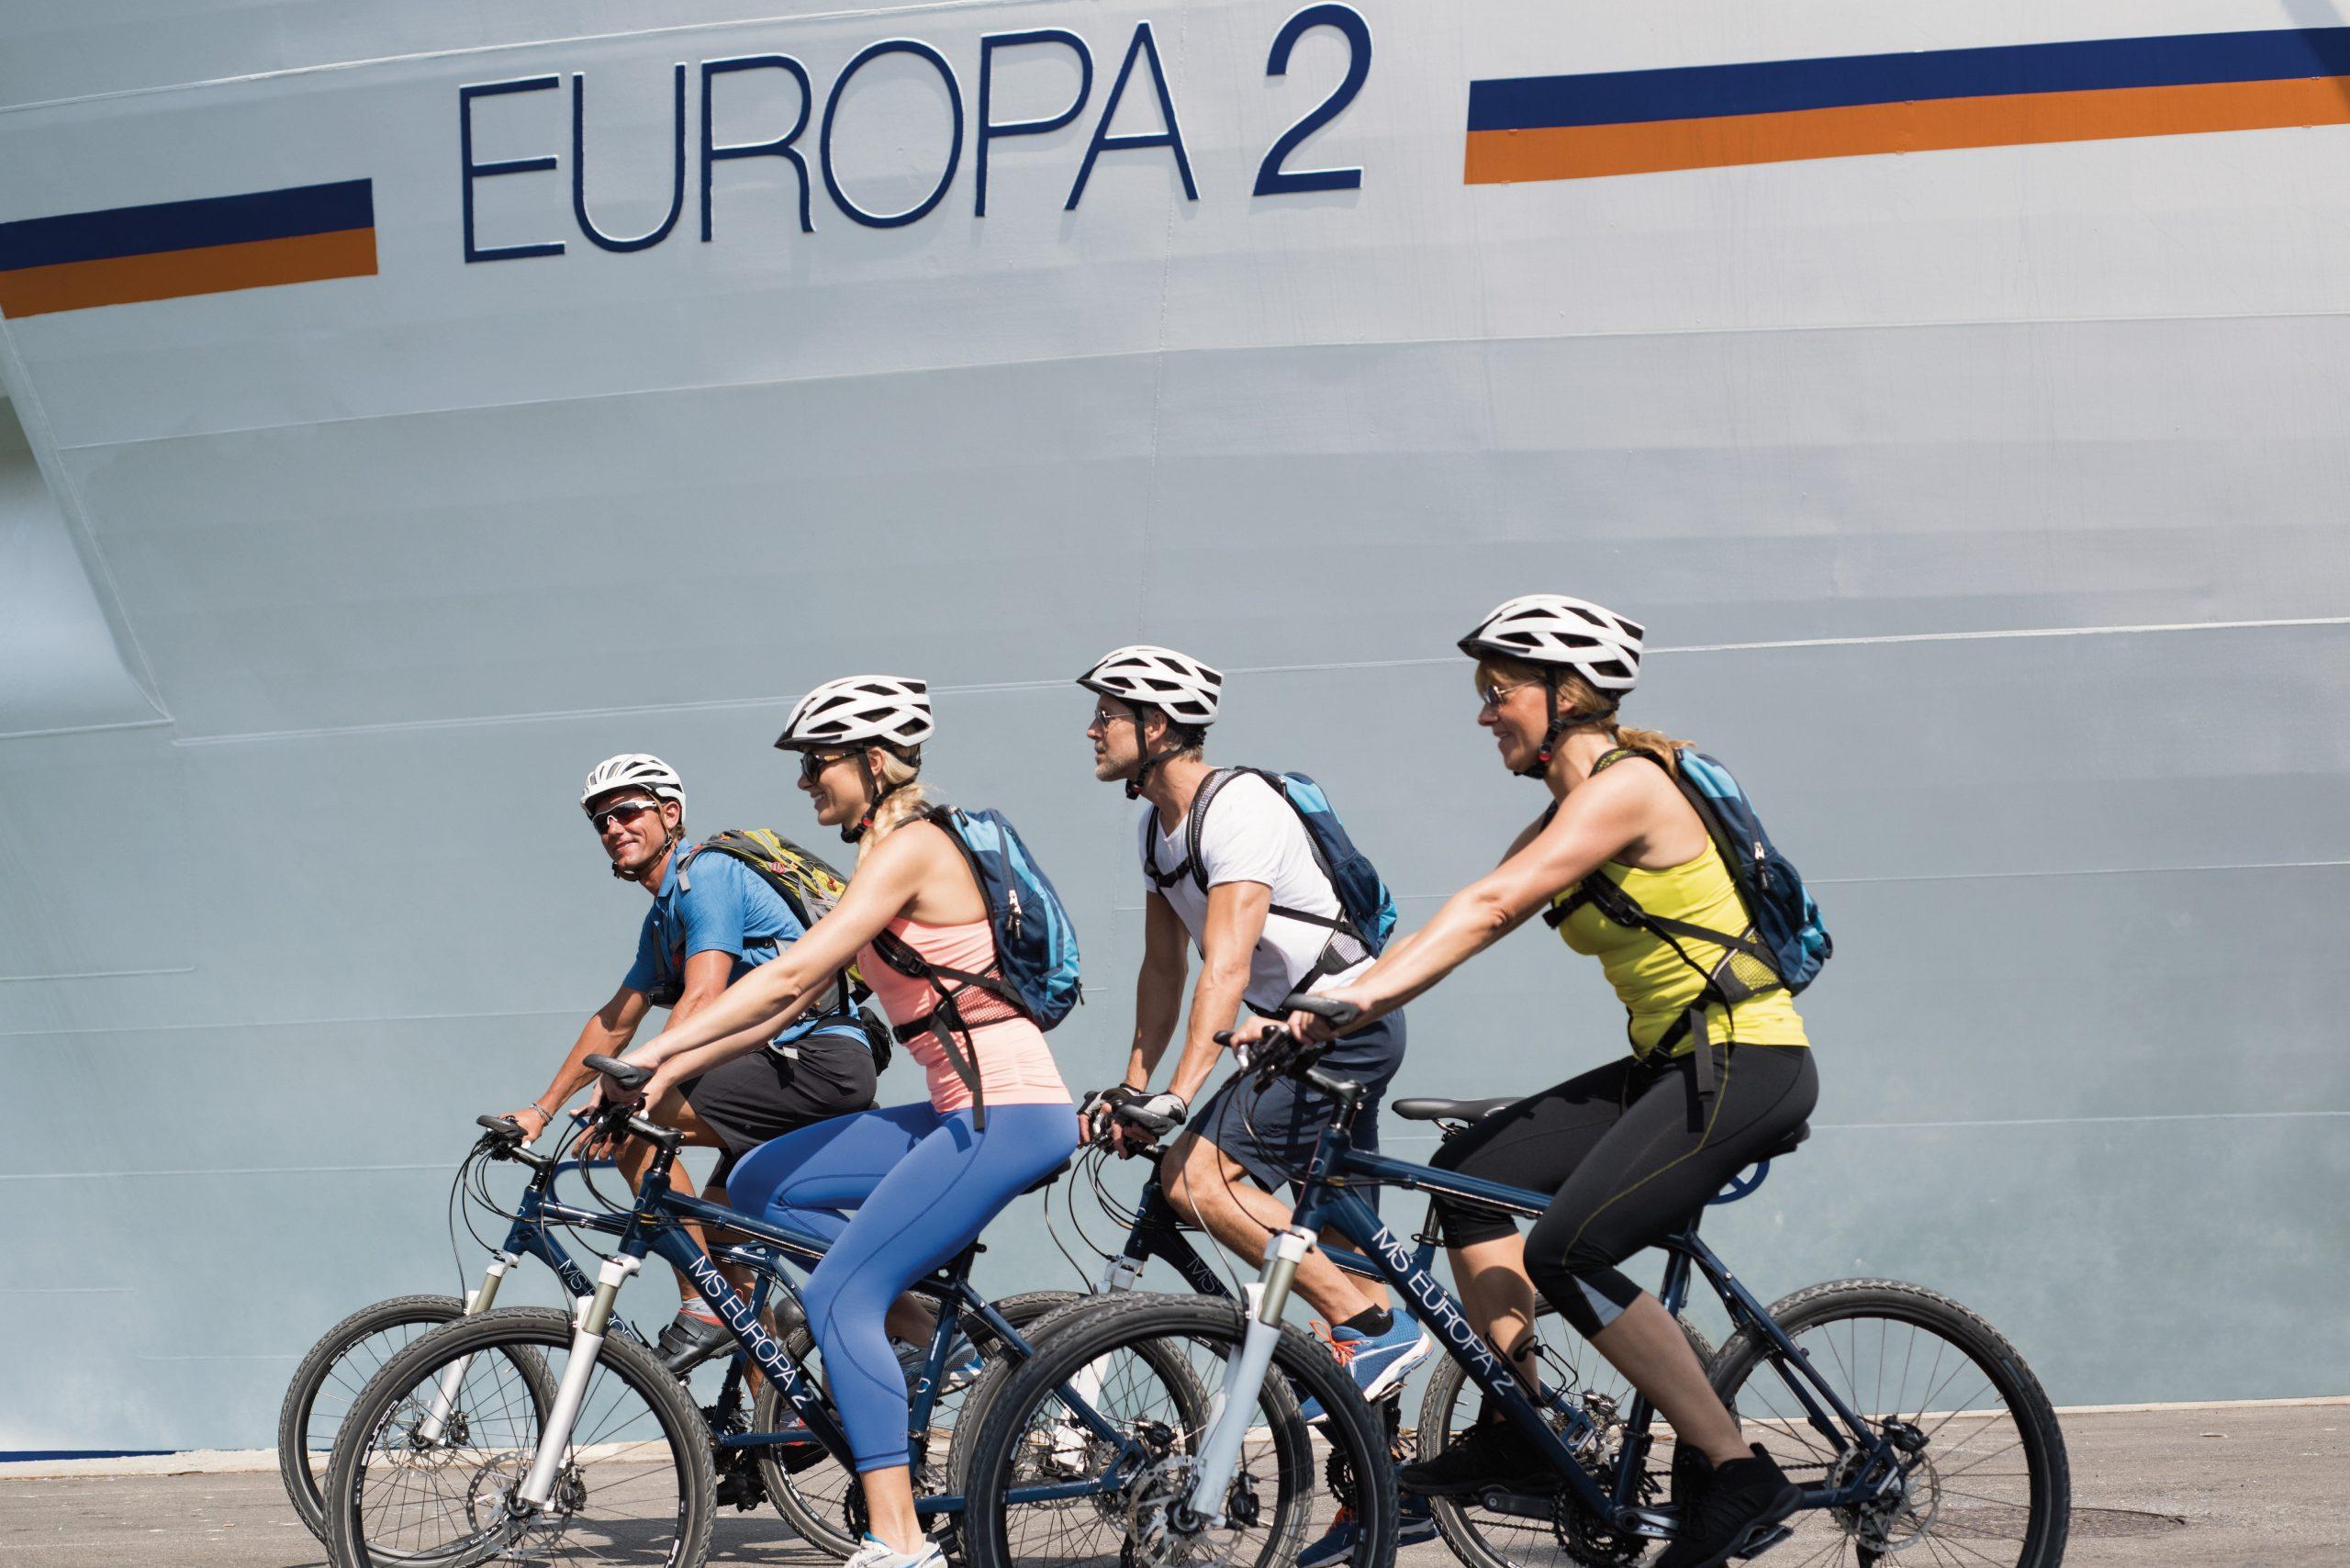 Die Gäste an Bord der Hapag-Lloyd Cruises Schiffe dürfen sich nach der ersten Startphase mit Seereisen wieder auf Landgänge und damit einhergehend auf regionale Leckereien wie Zimtschnecken in Göteborg freuen.